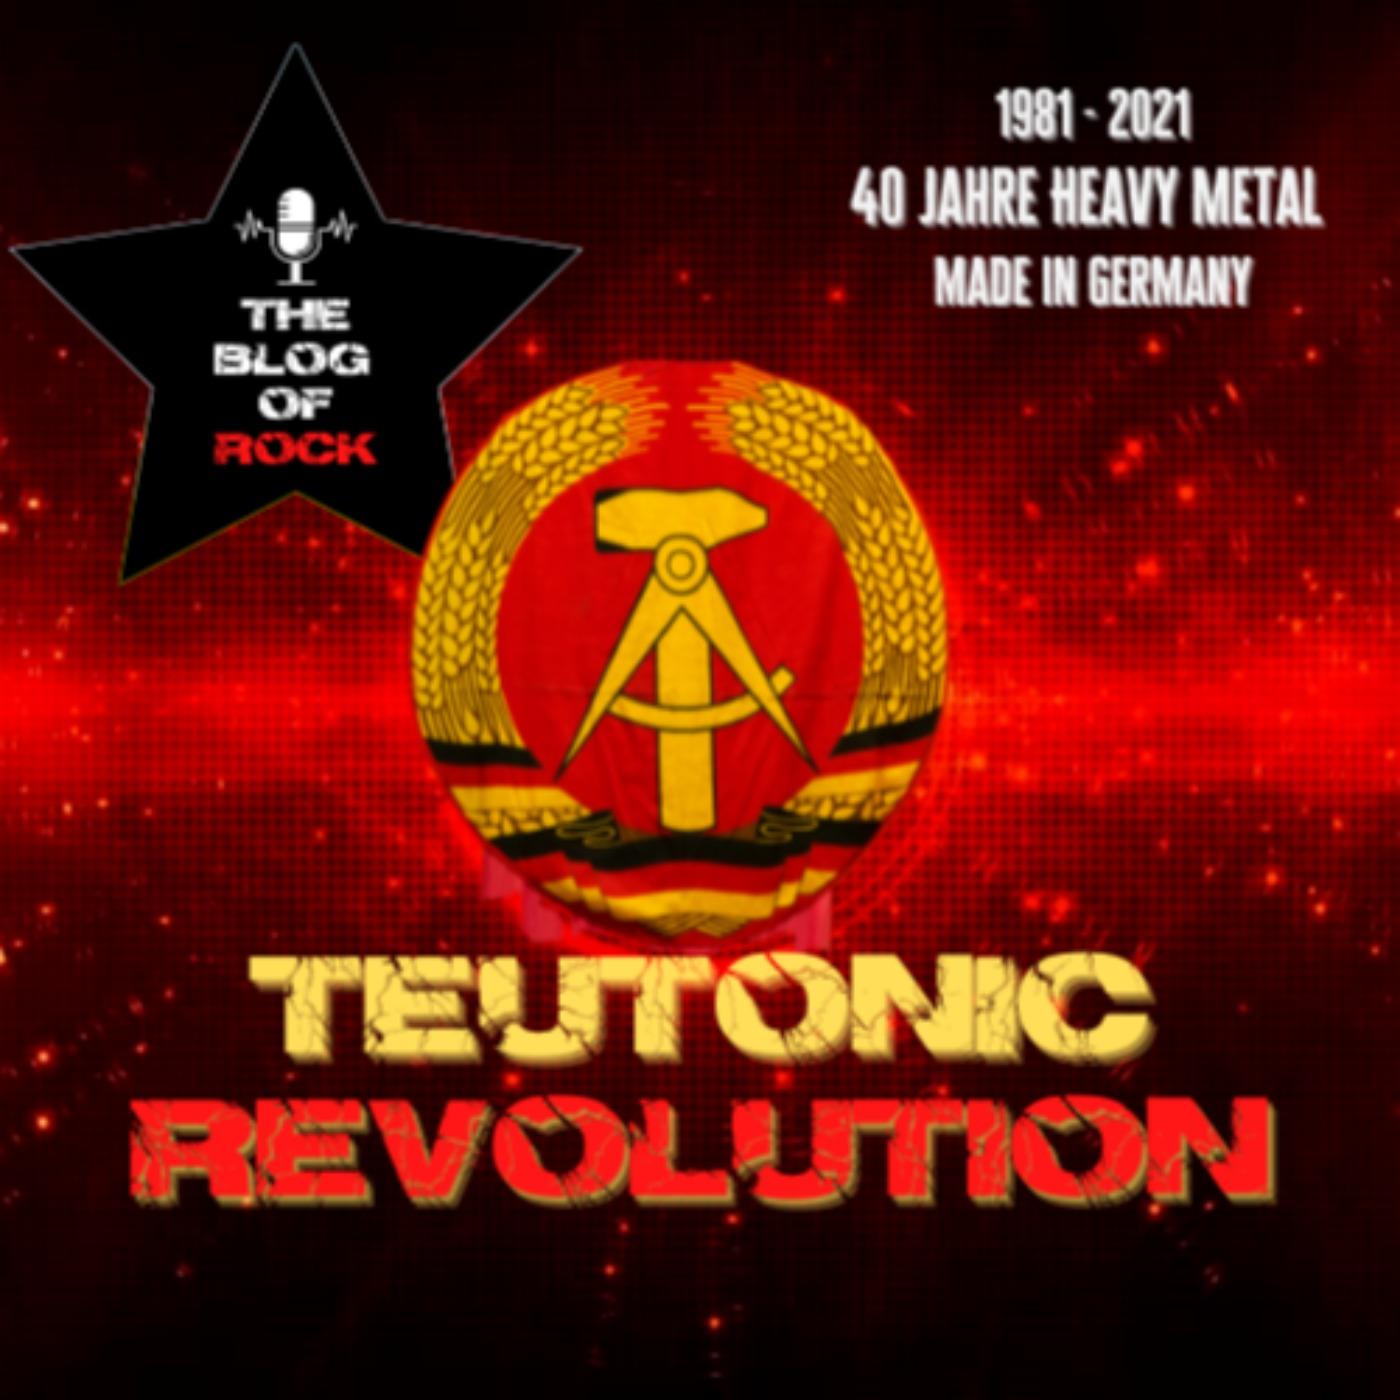 TEUTONIC REVOLUTION DDR - Metal in der Ostzone